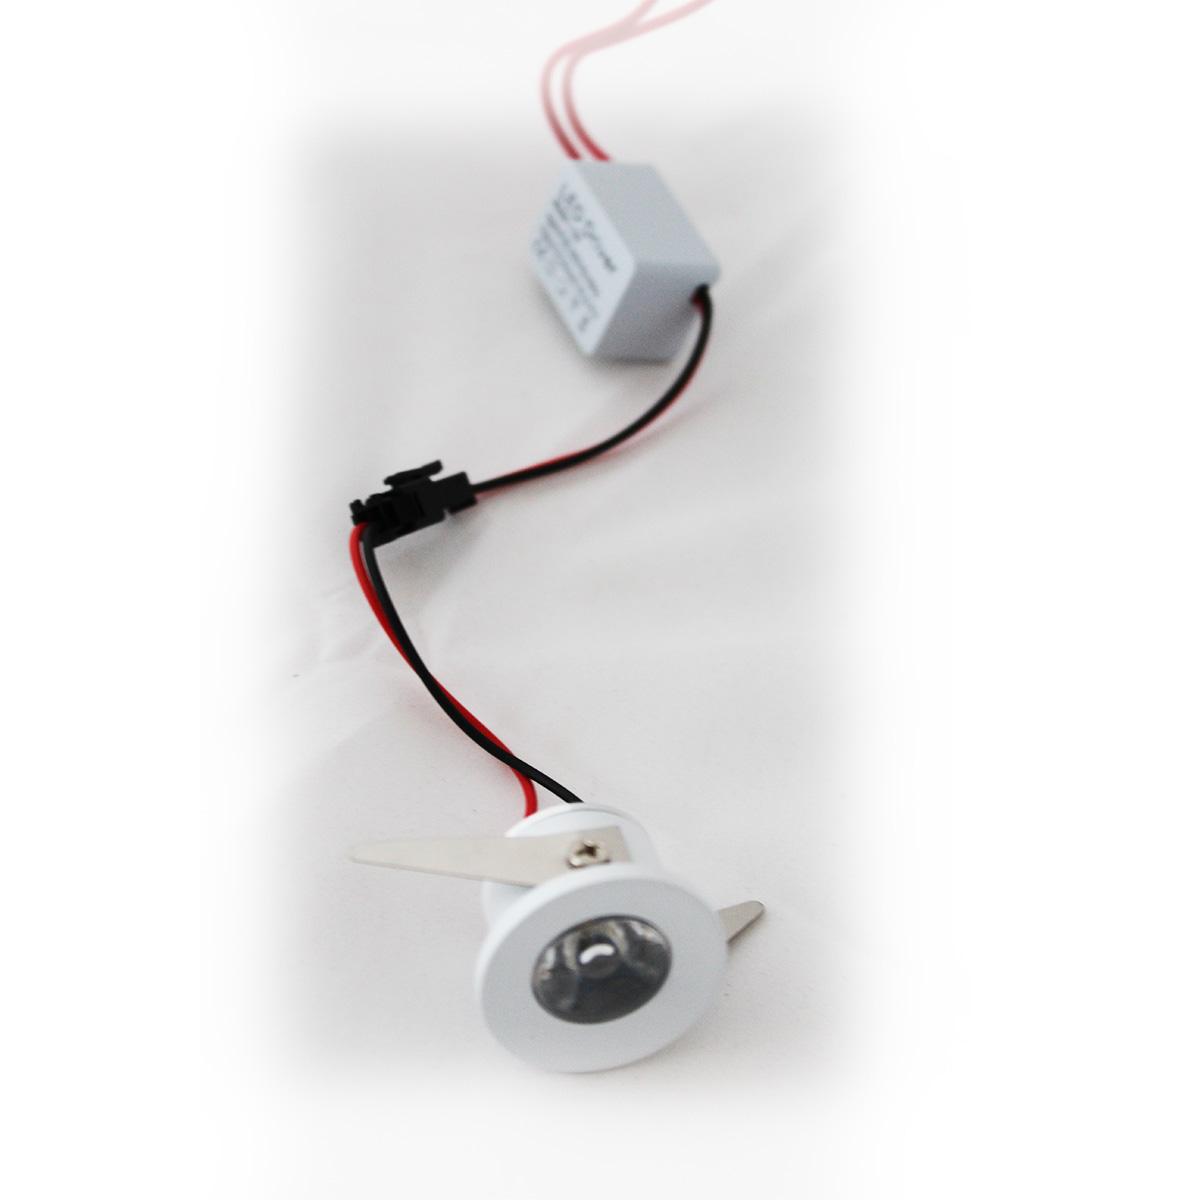 Ugradna LED svetiljka 1,5W MUC -038